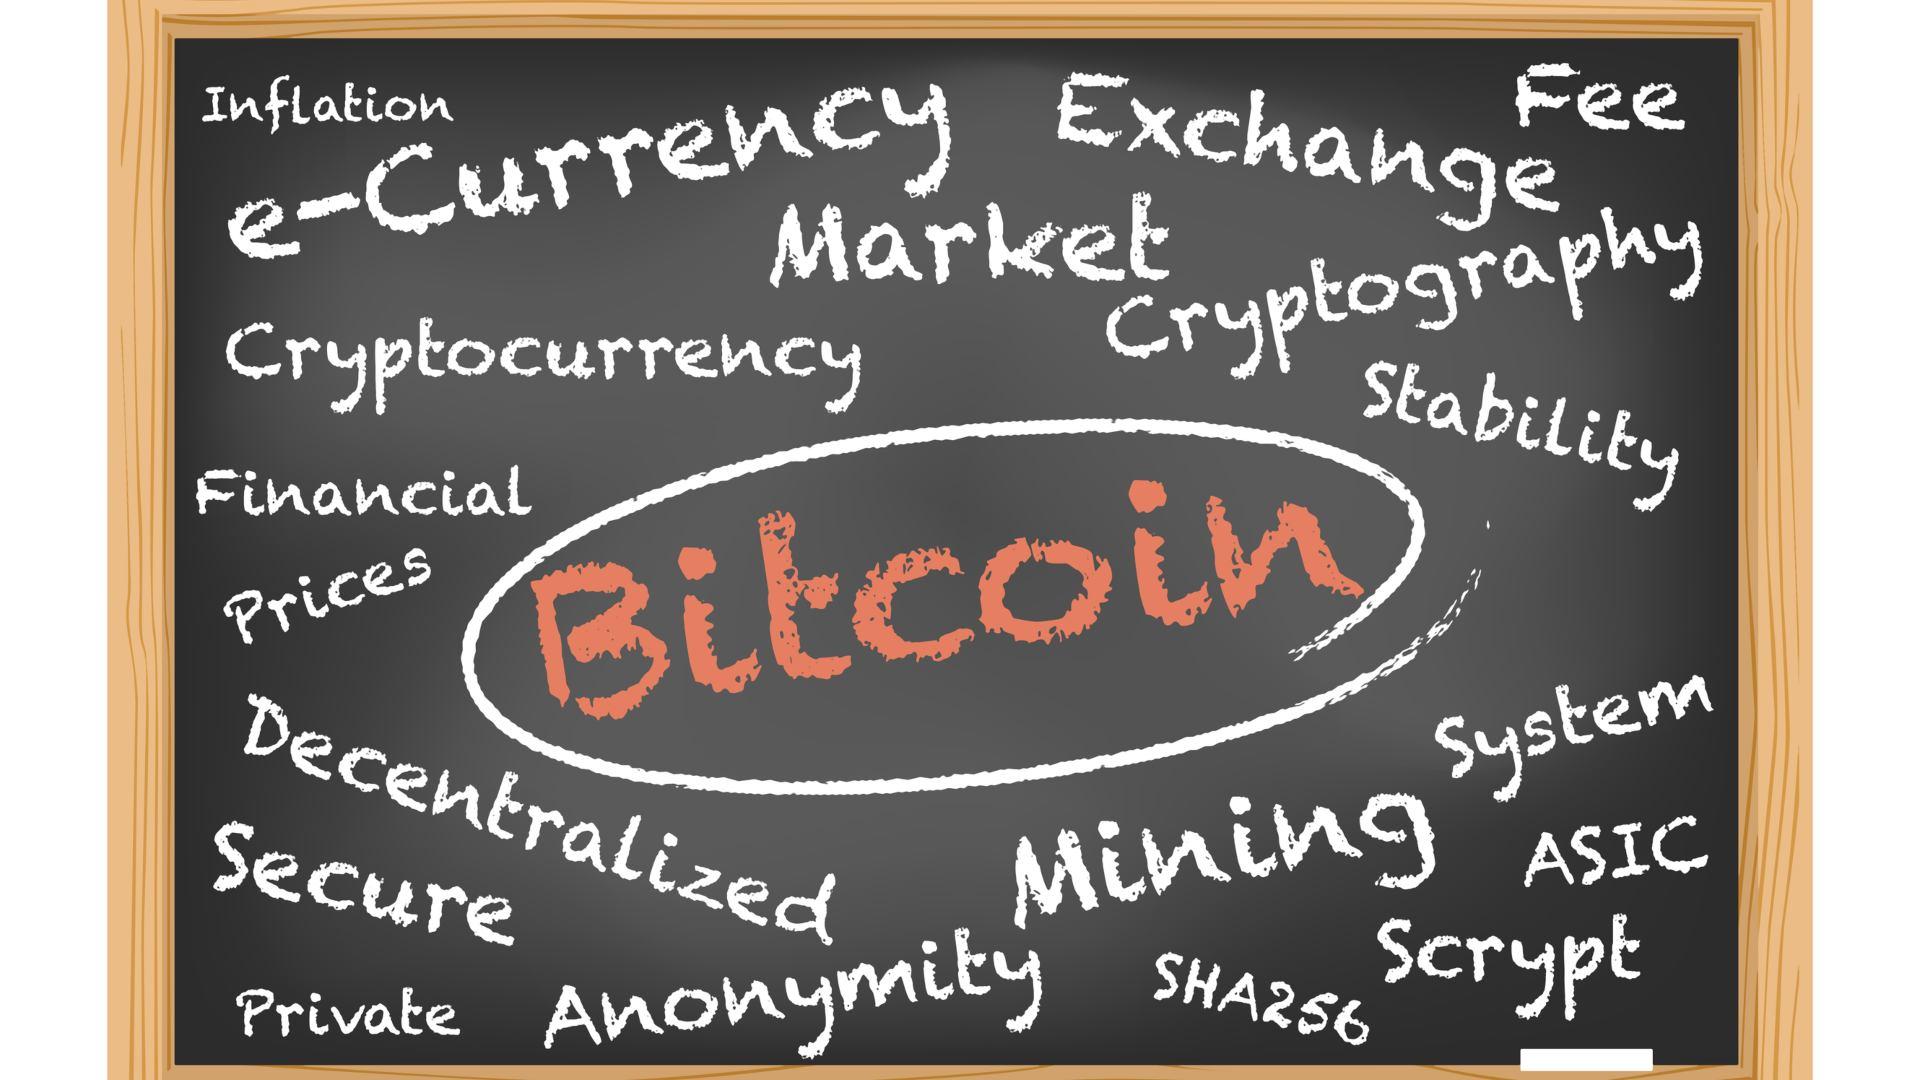 A scuola si parla di Bitcoin ma a non tutti piace